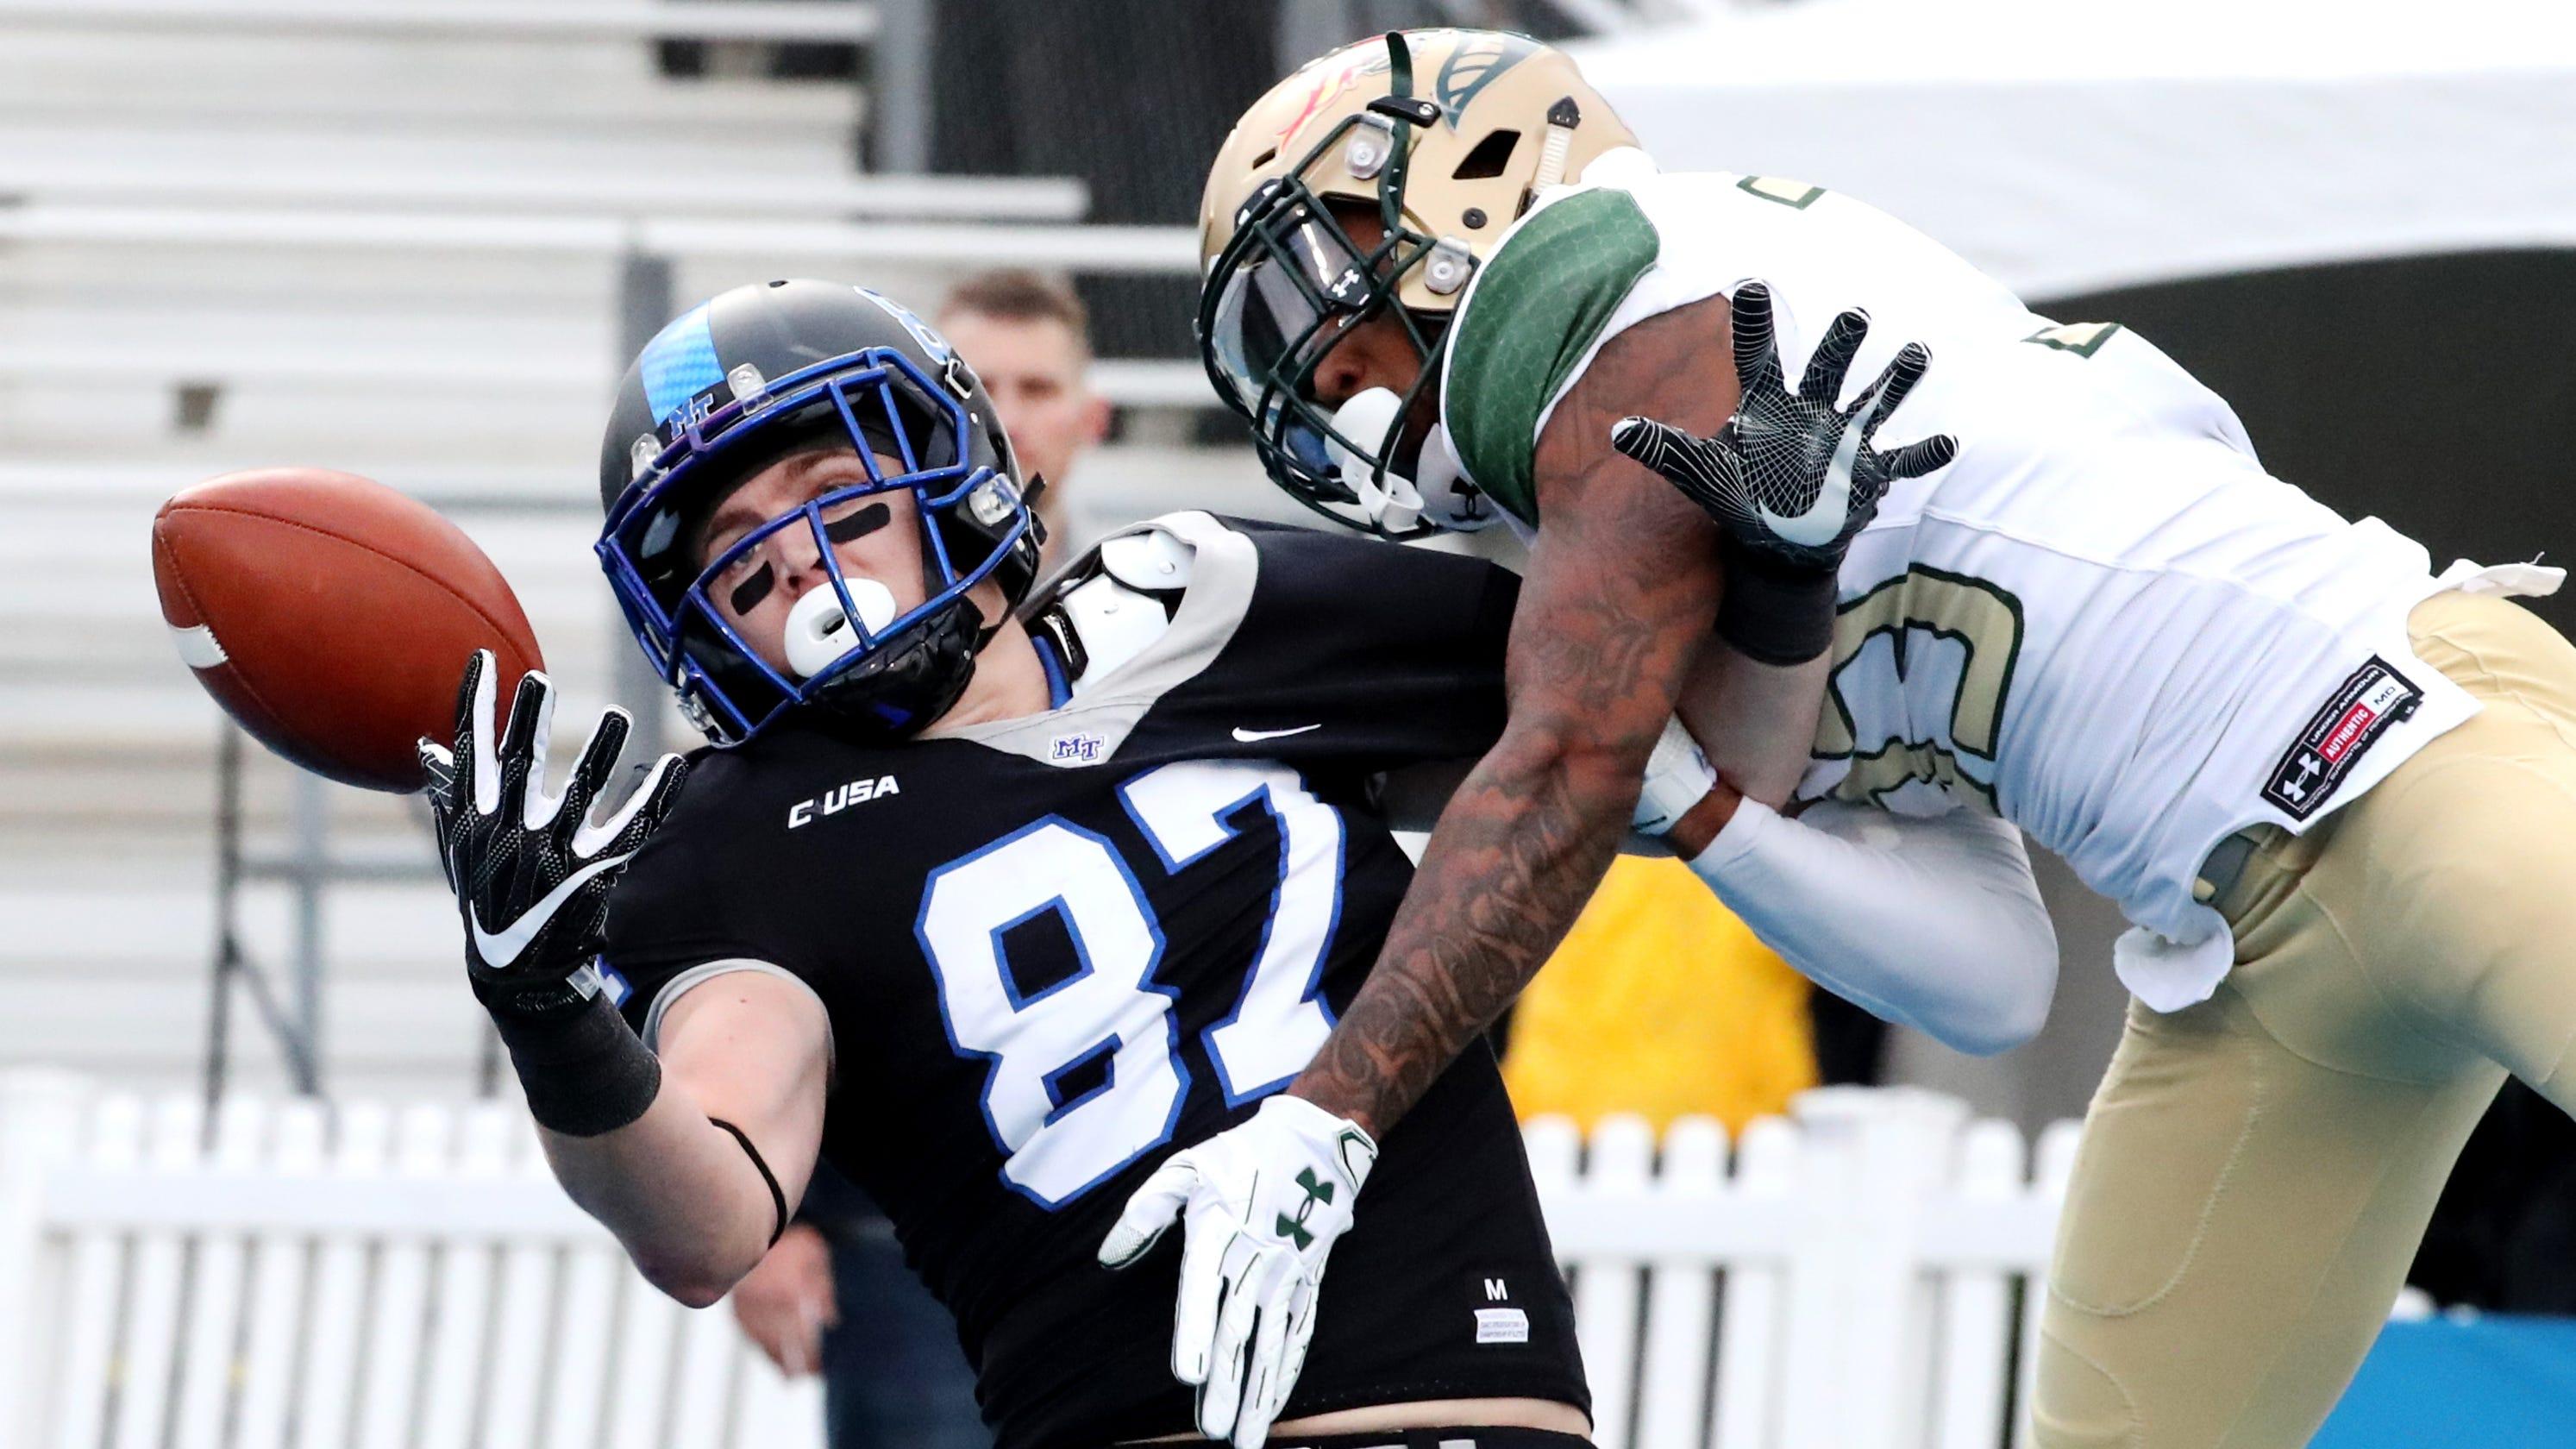 MTSU football: UAB wins Conference USA championship game 27-25